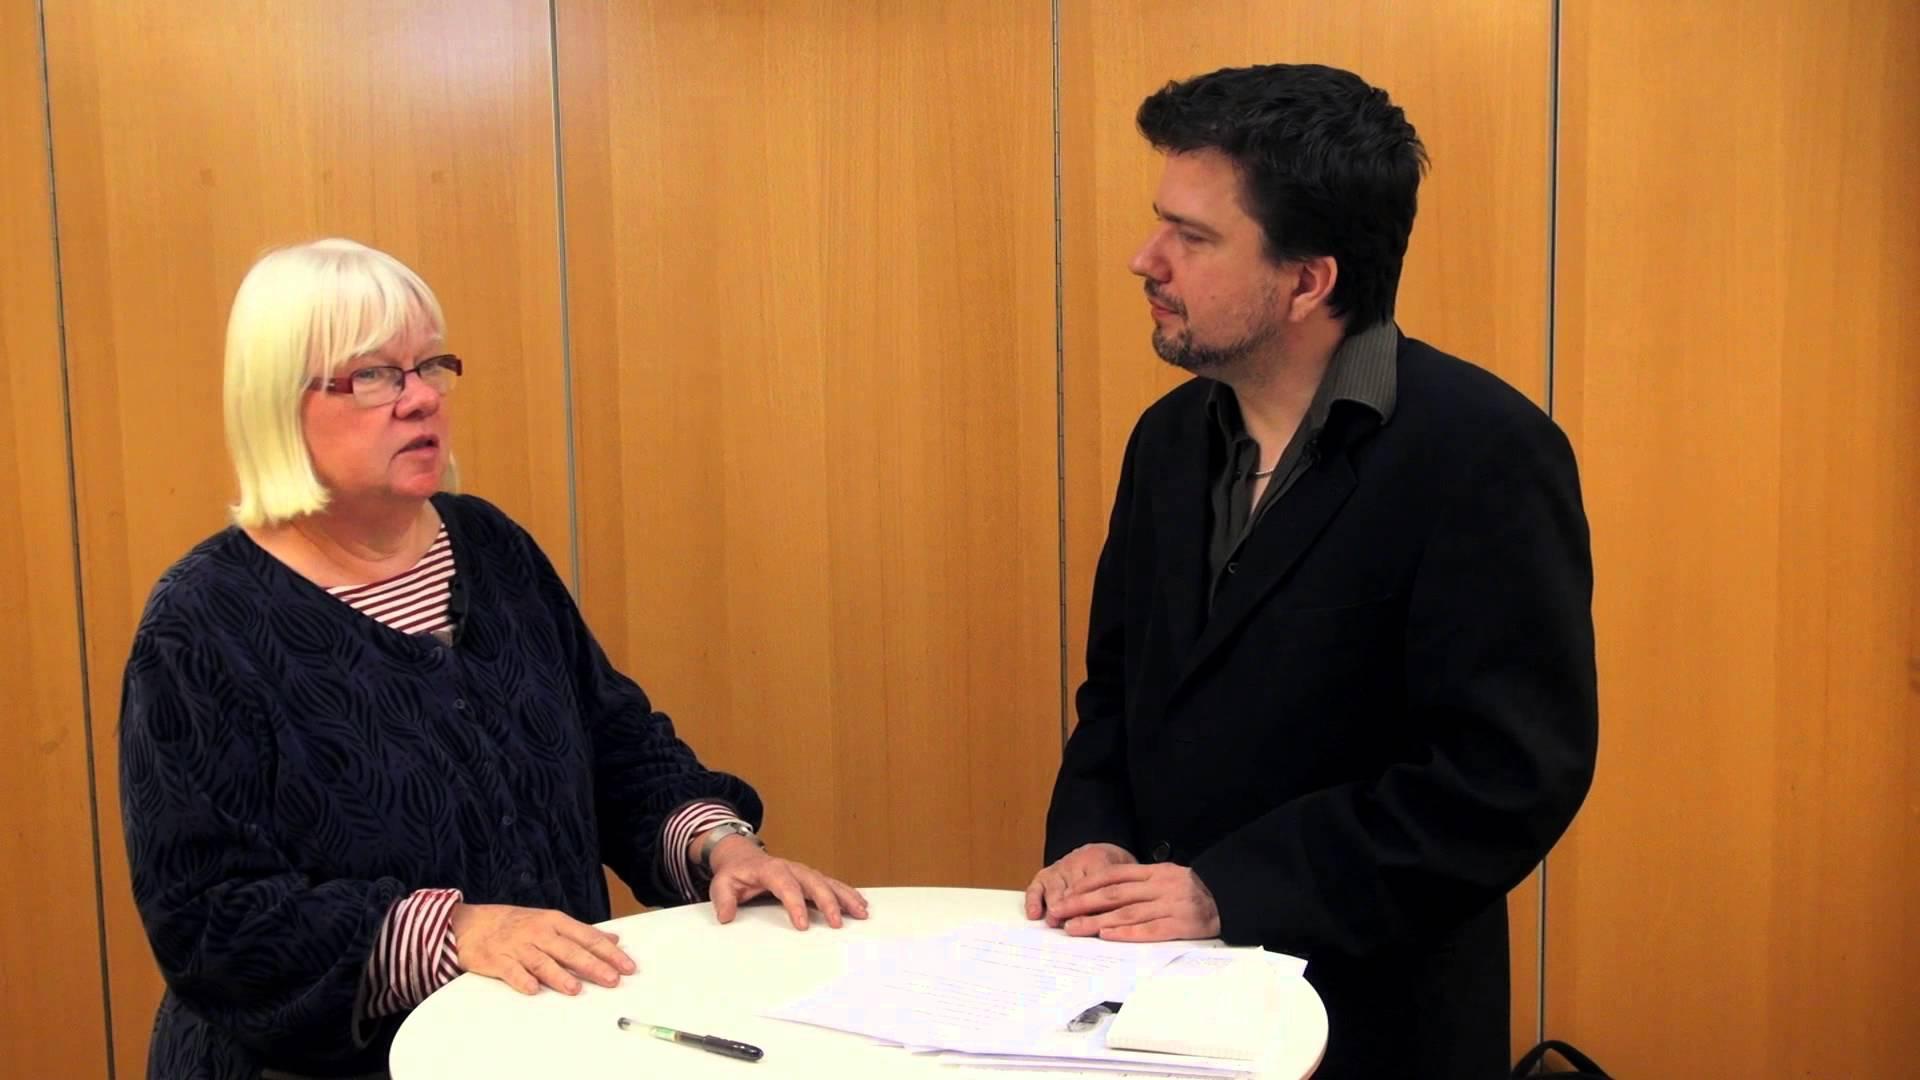 Din Karriär avsnitt 6: Eva Olofsson